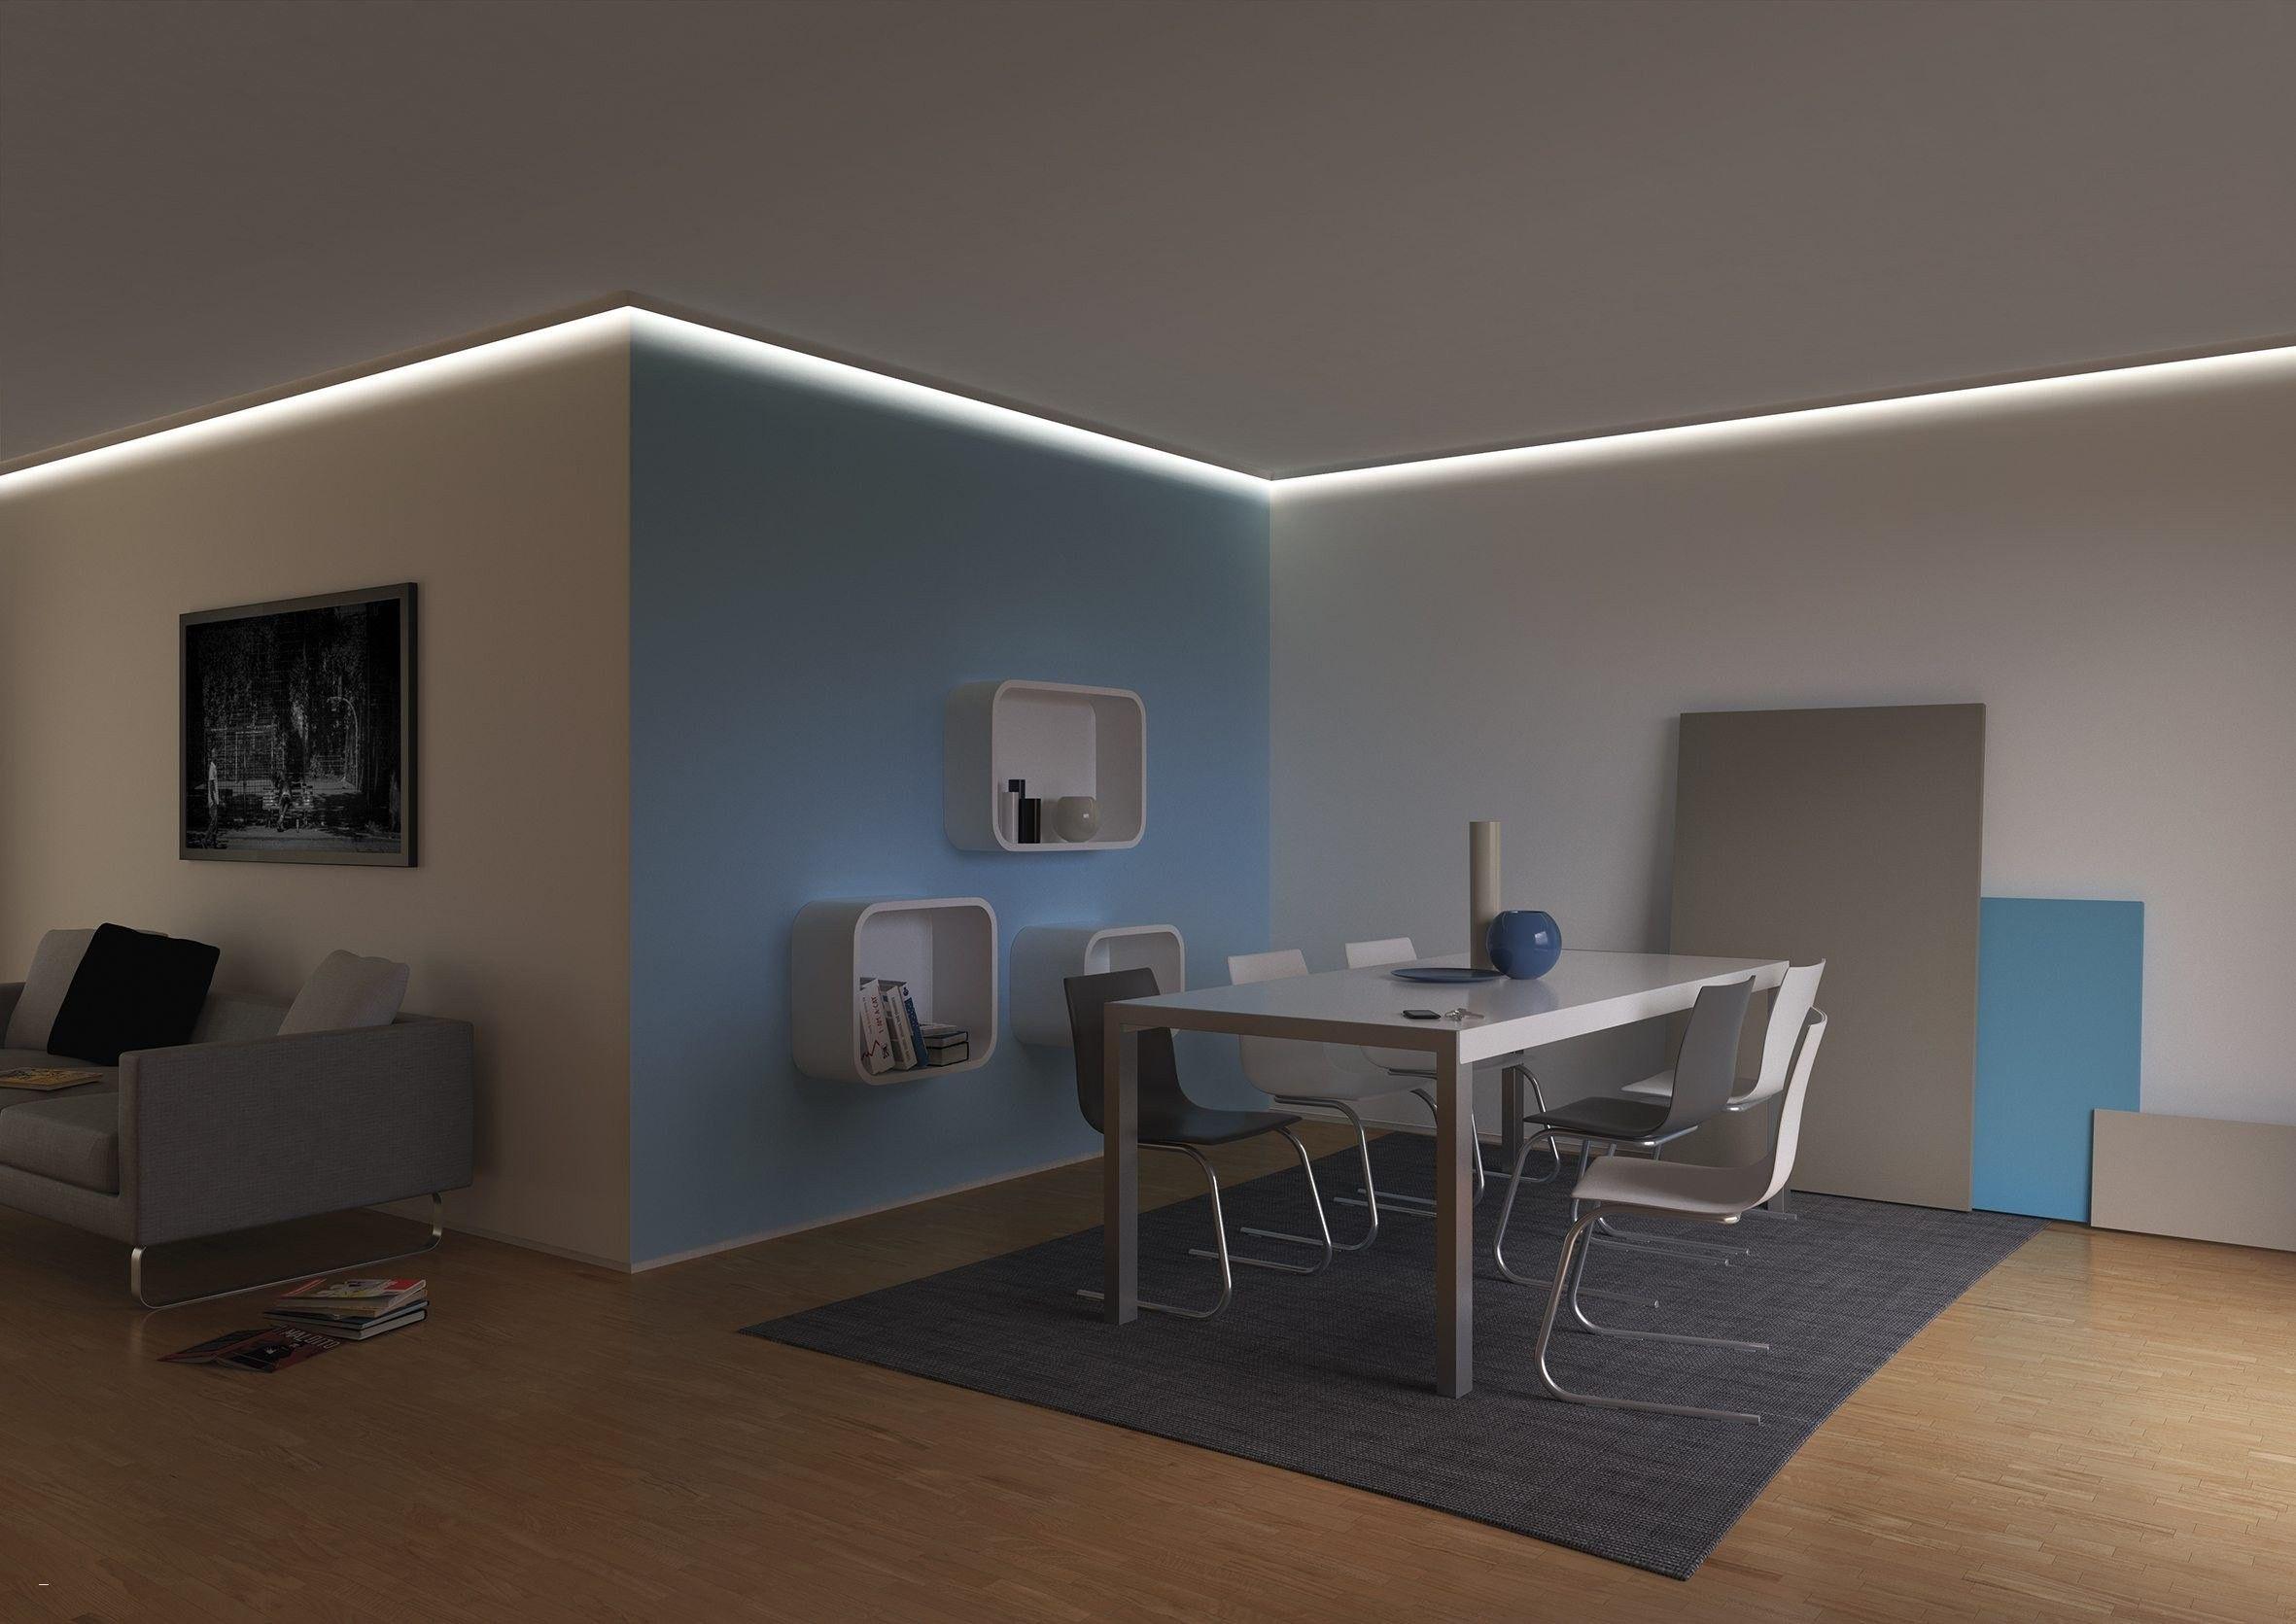 Led Lichtleiste Wohnzimmer  Mattradition Dunstabzugshaube F